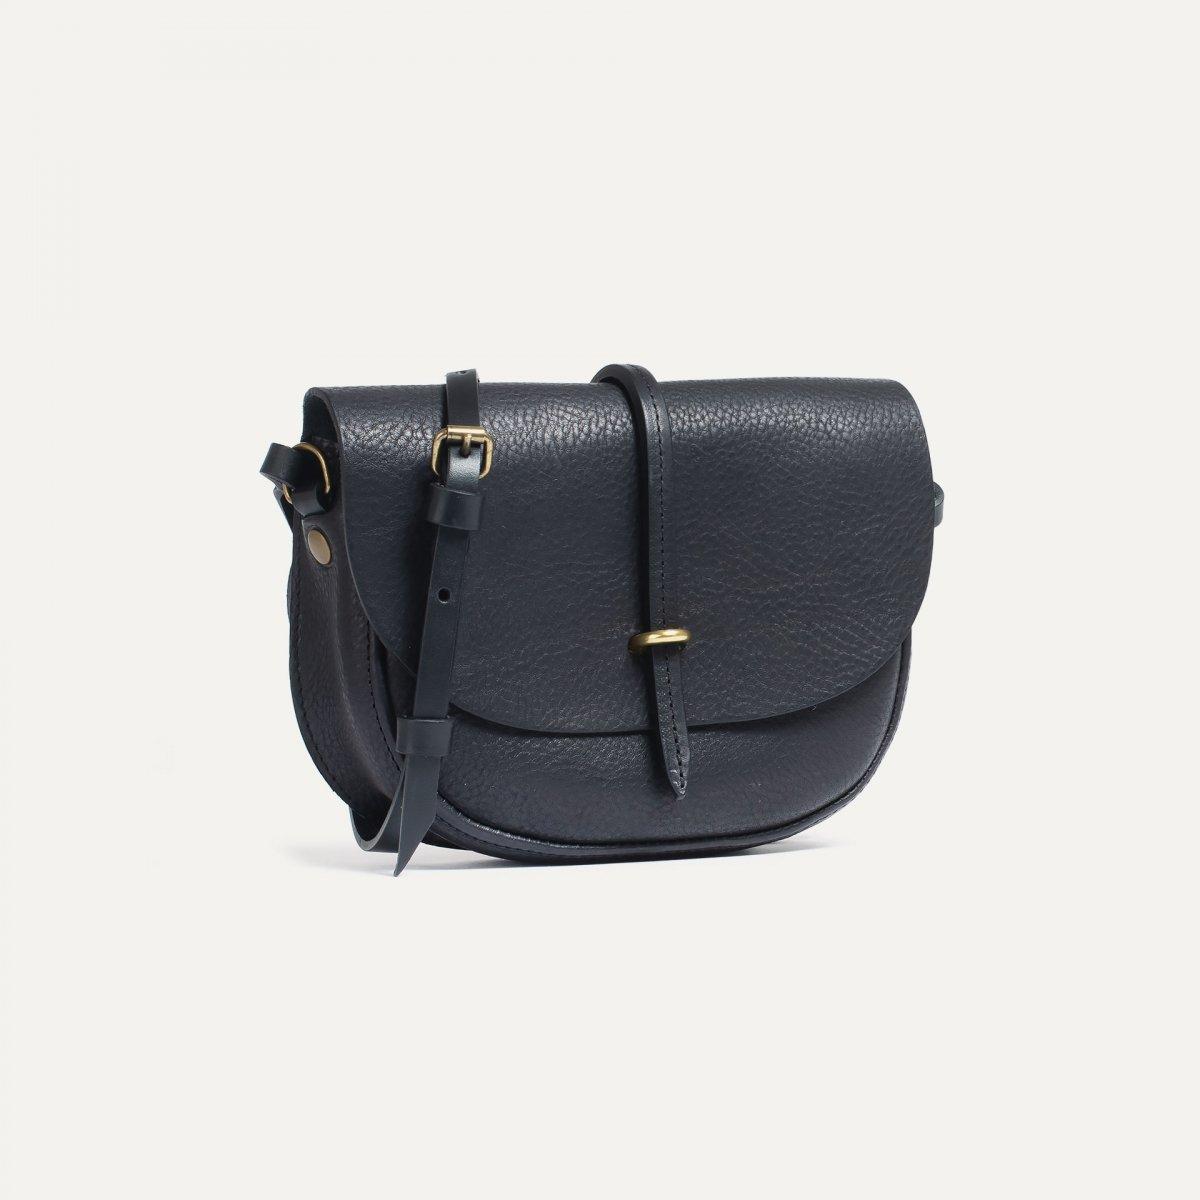 Mini sac postier Java - Noir (image n°2)